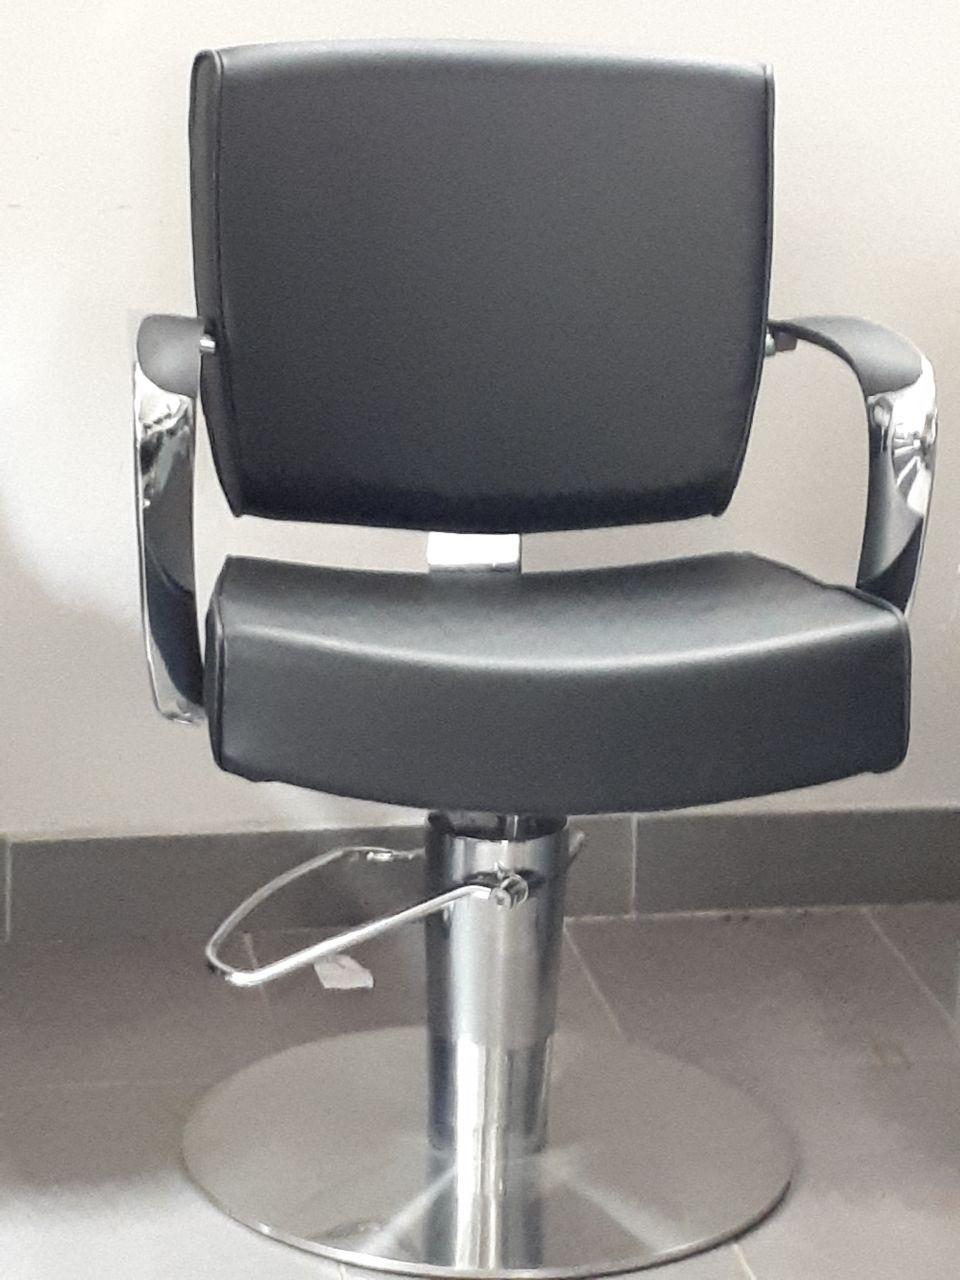 BELLA fodrász szék